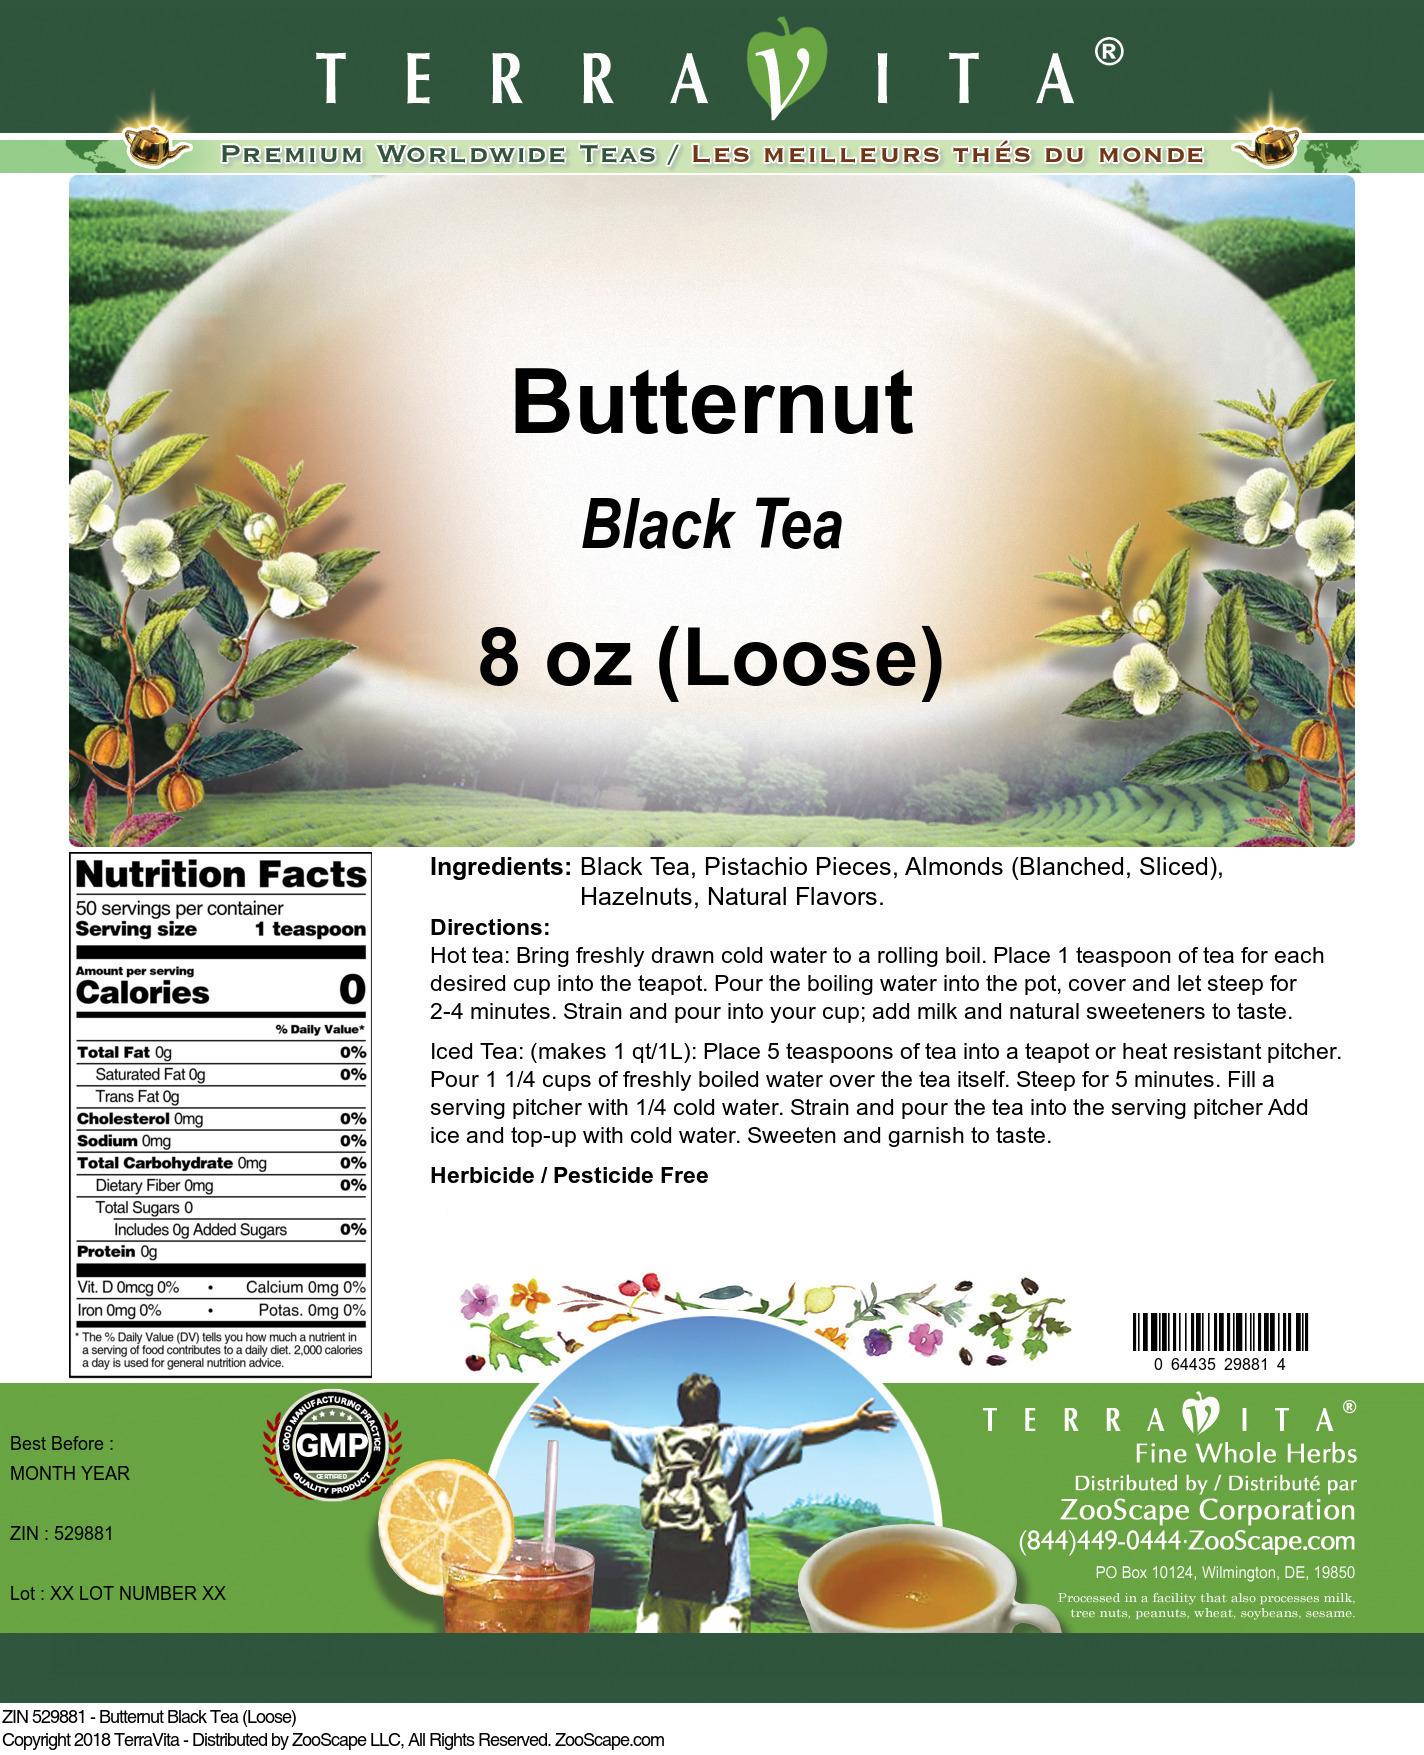 Butternut Black Tea (Loose)